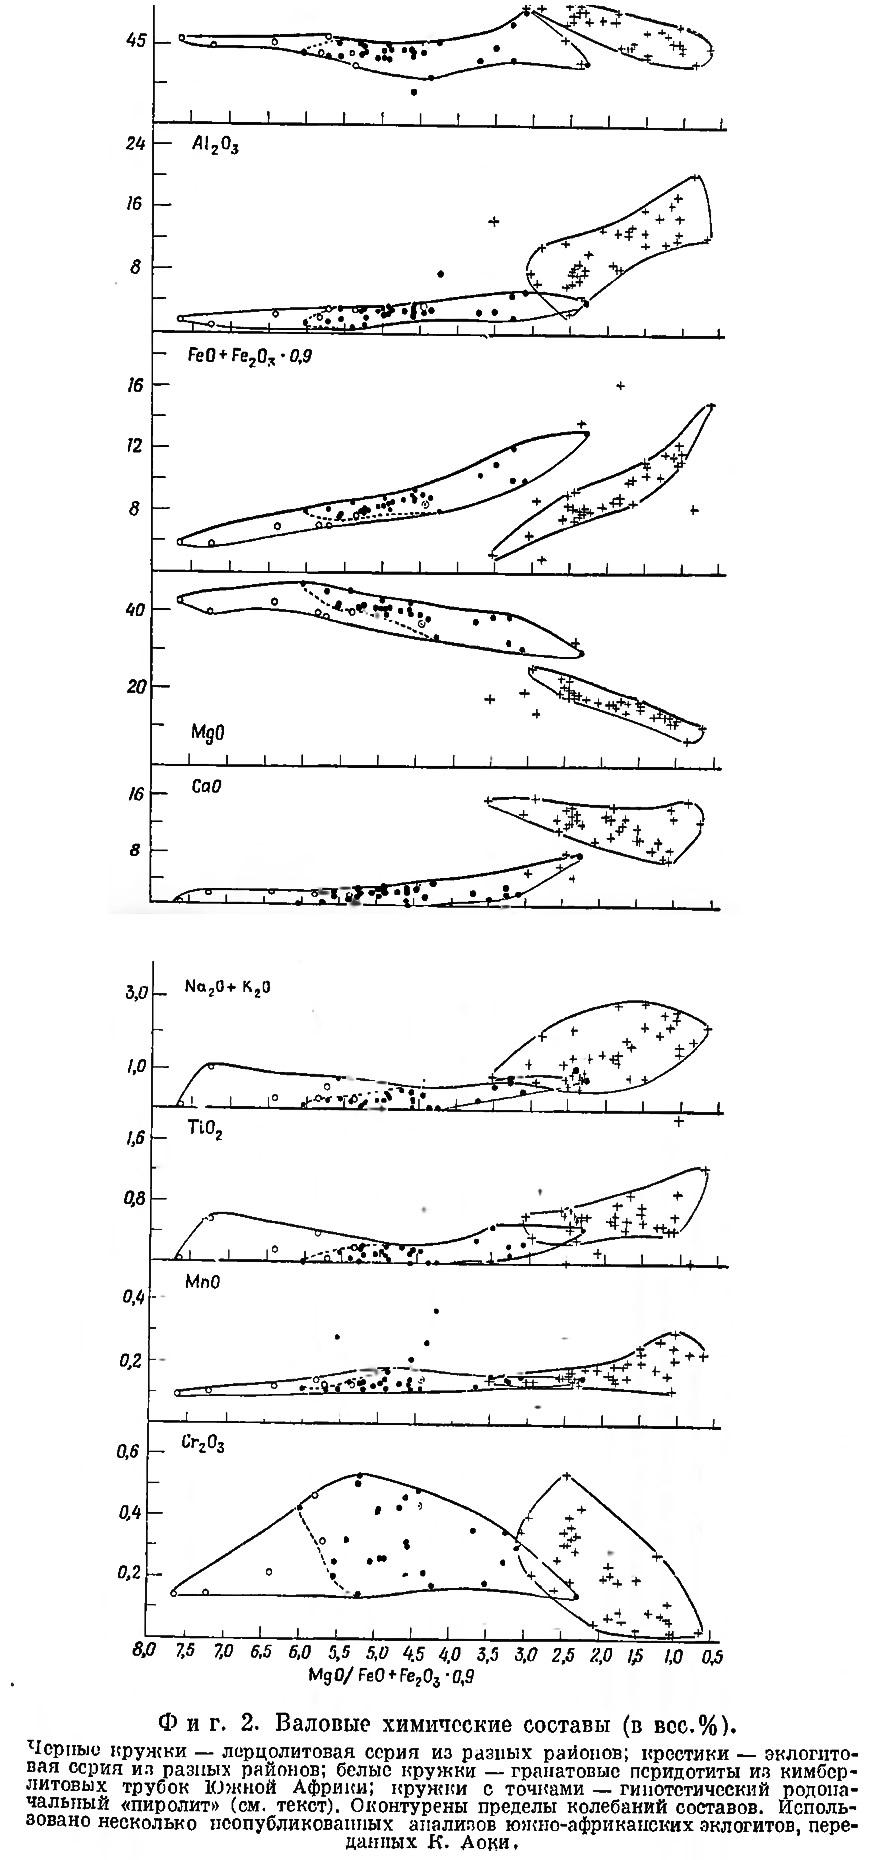 Фиг. 2. Валовые химические составы